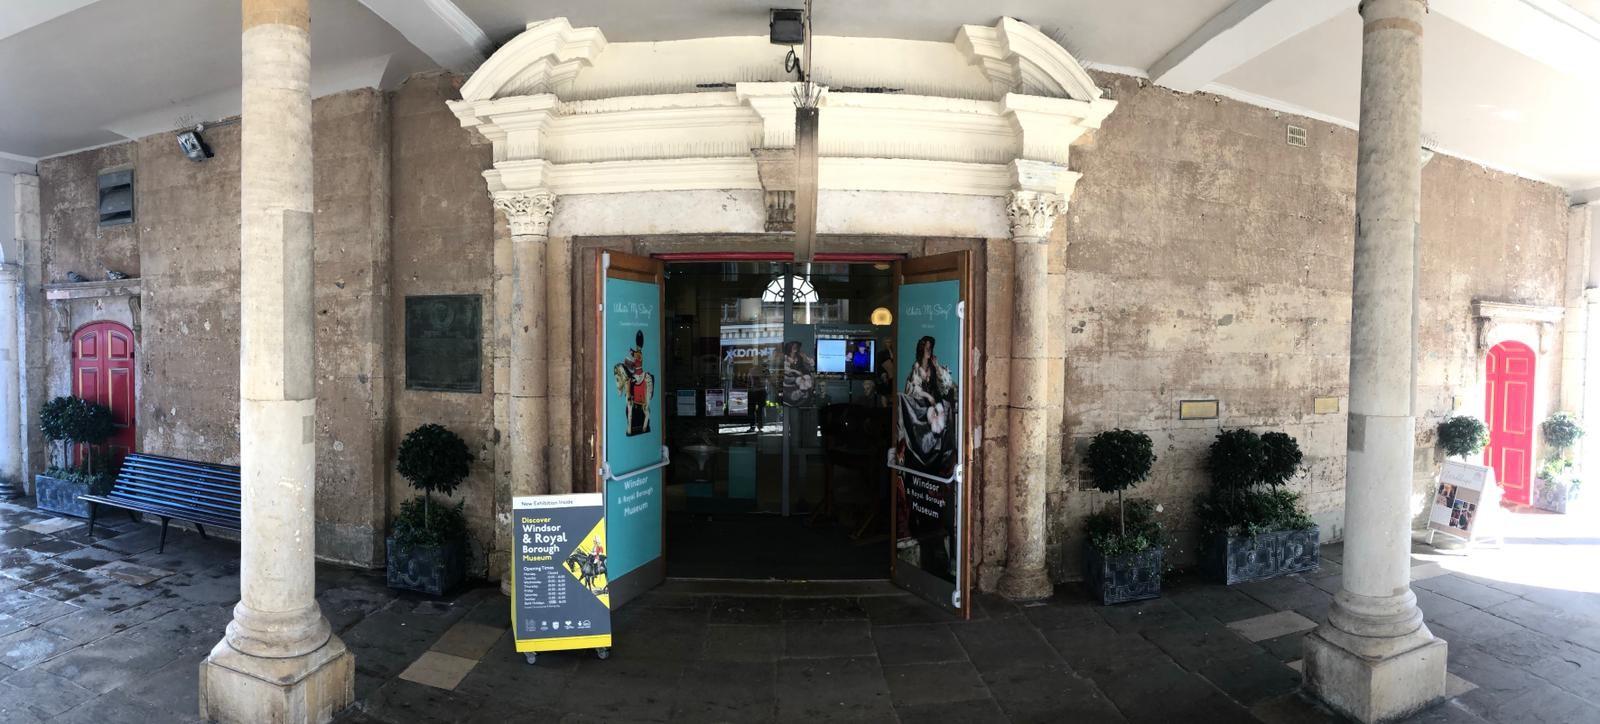 Windsor museum entrance